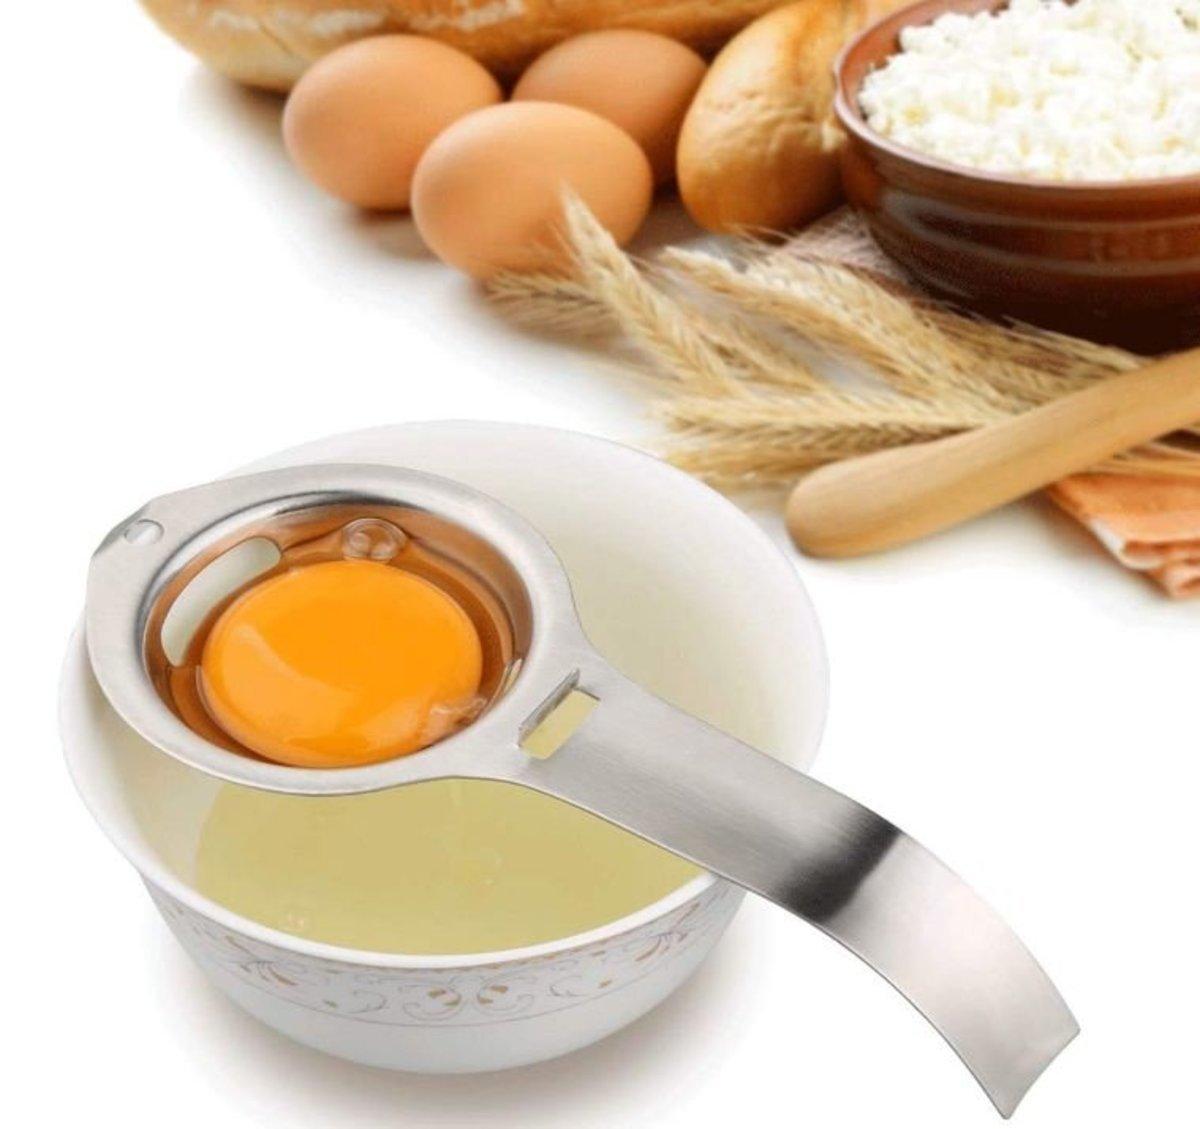 Bennlife Stainless Steel Egg Separator